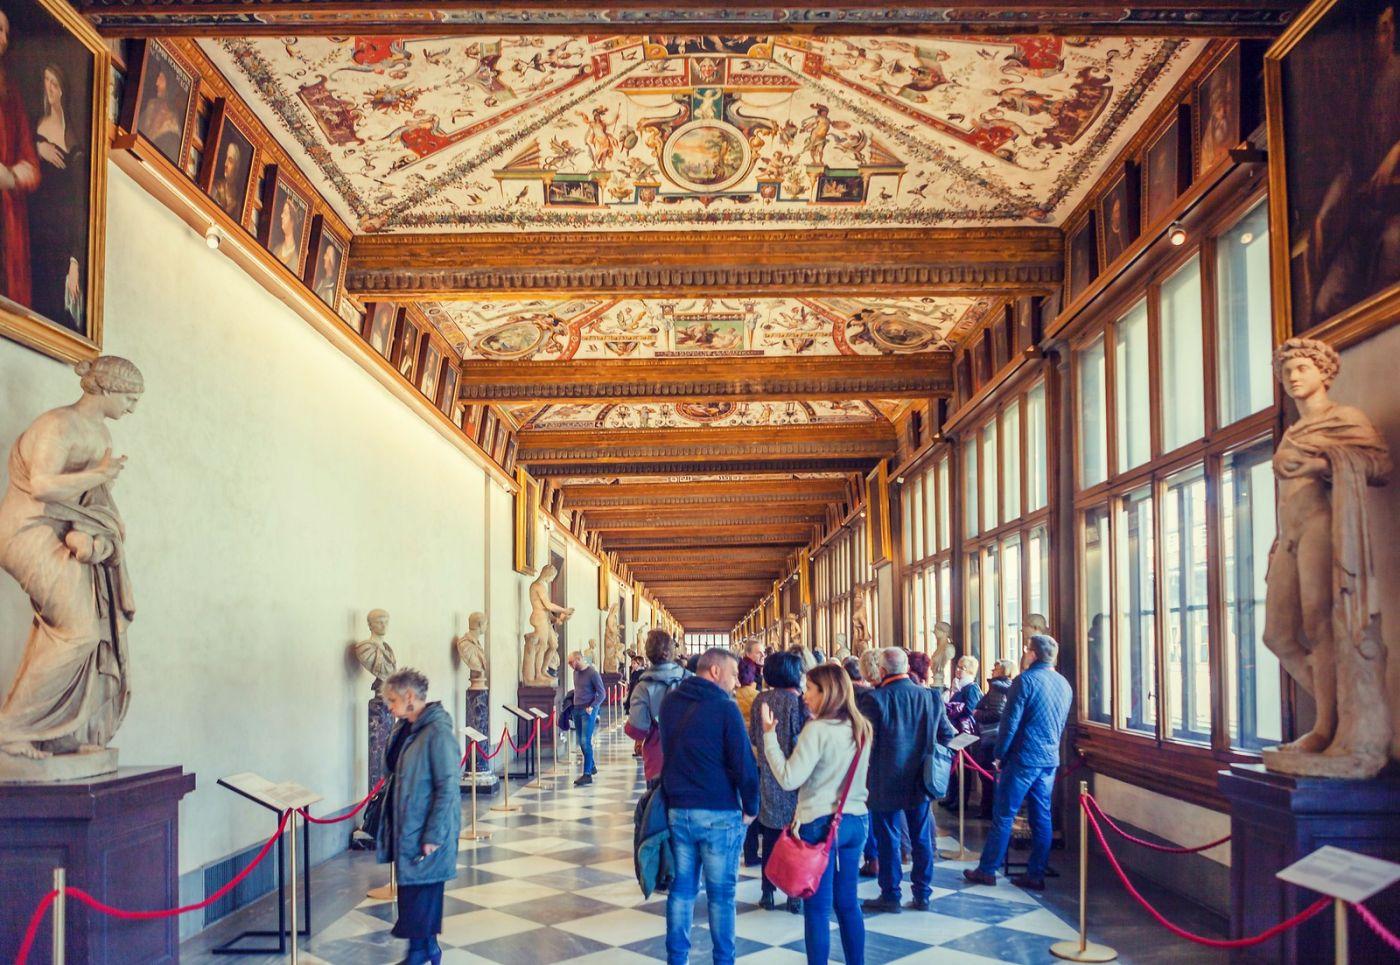 意大利佛罗伦斯乌菲兹美术馆, 进去看一看_图1-7